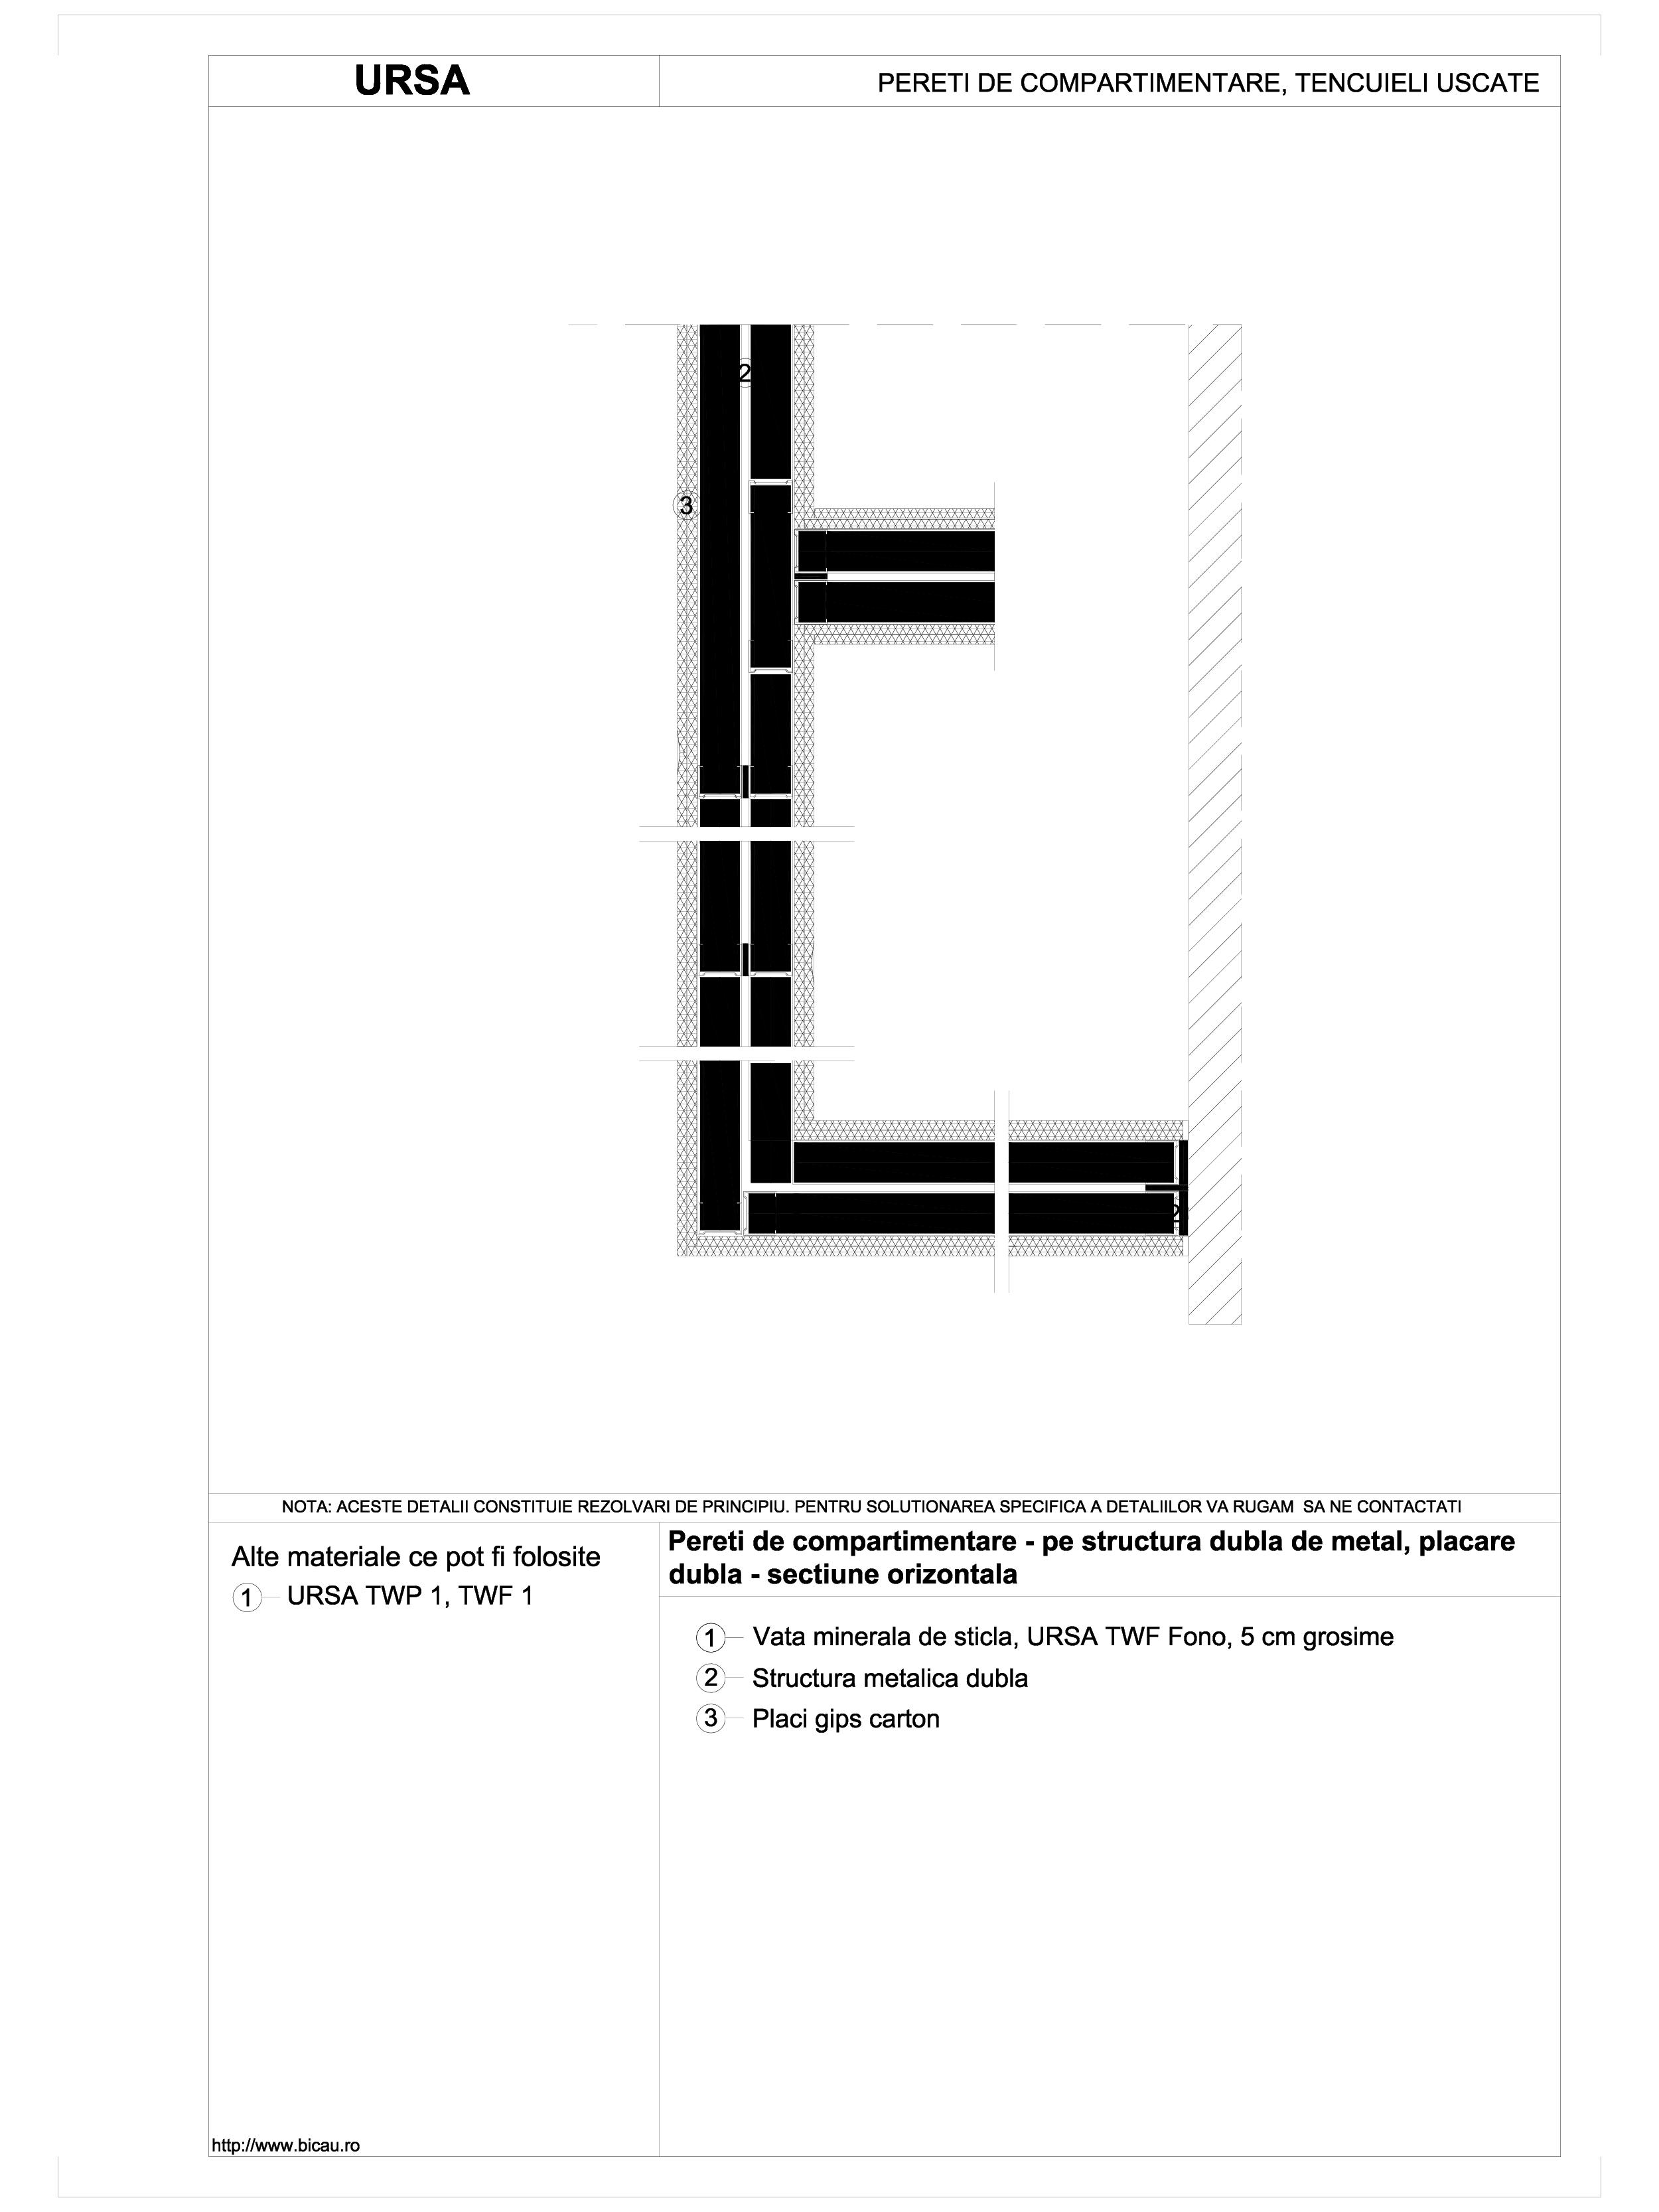 Pereti de compartimentare - pe structura dubla de lemn, placare dubla - sectiune orizontala TWF FONO URSA Vata minerala pentru pereti de compartimentare URSA ROMANIA   - Pagina 1